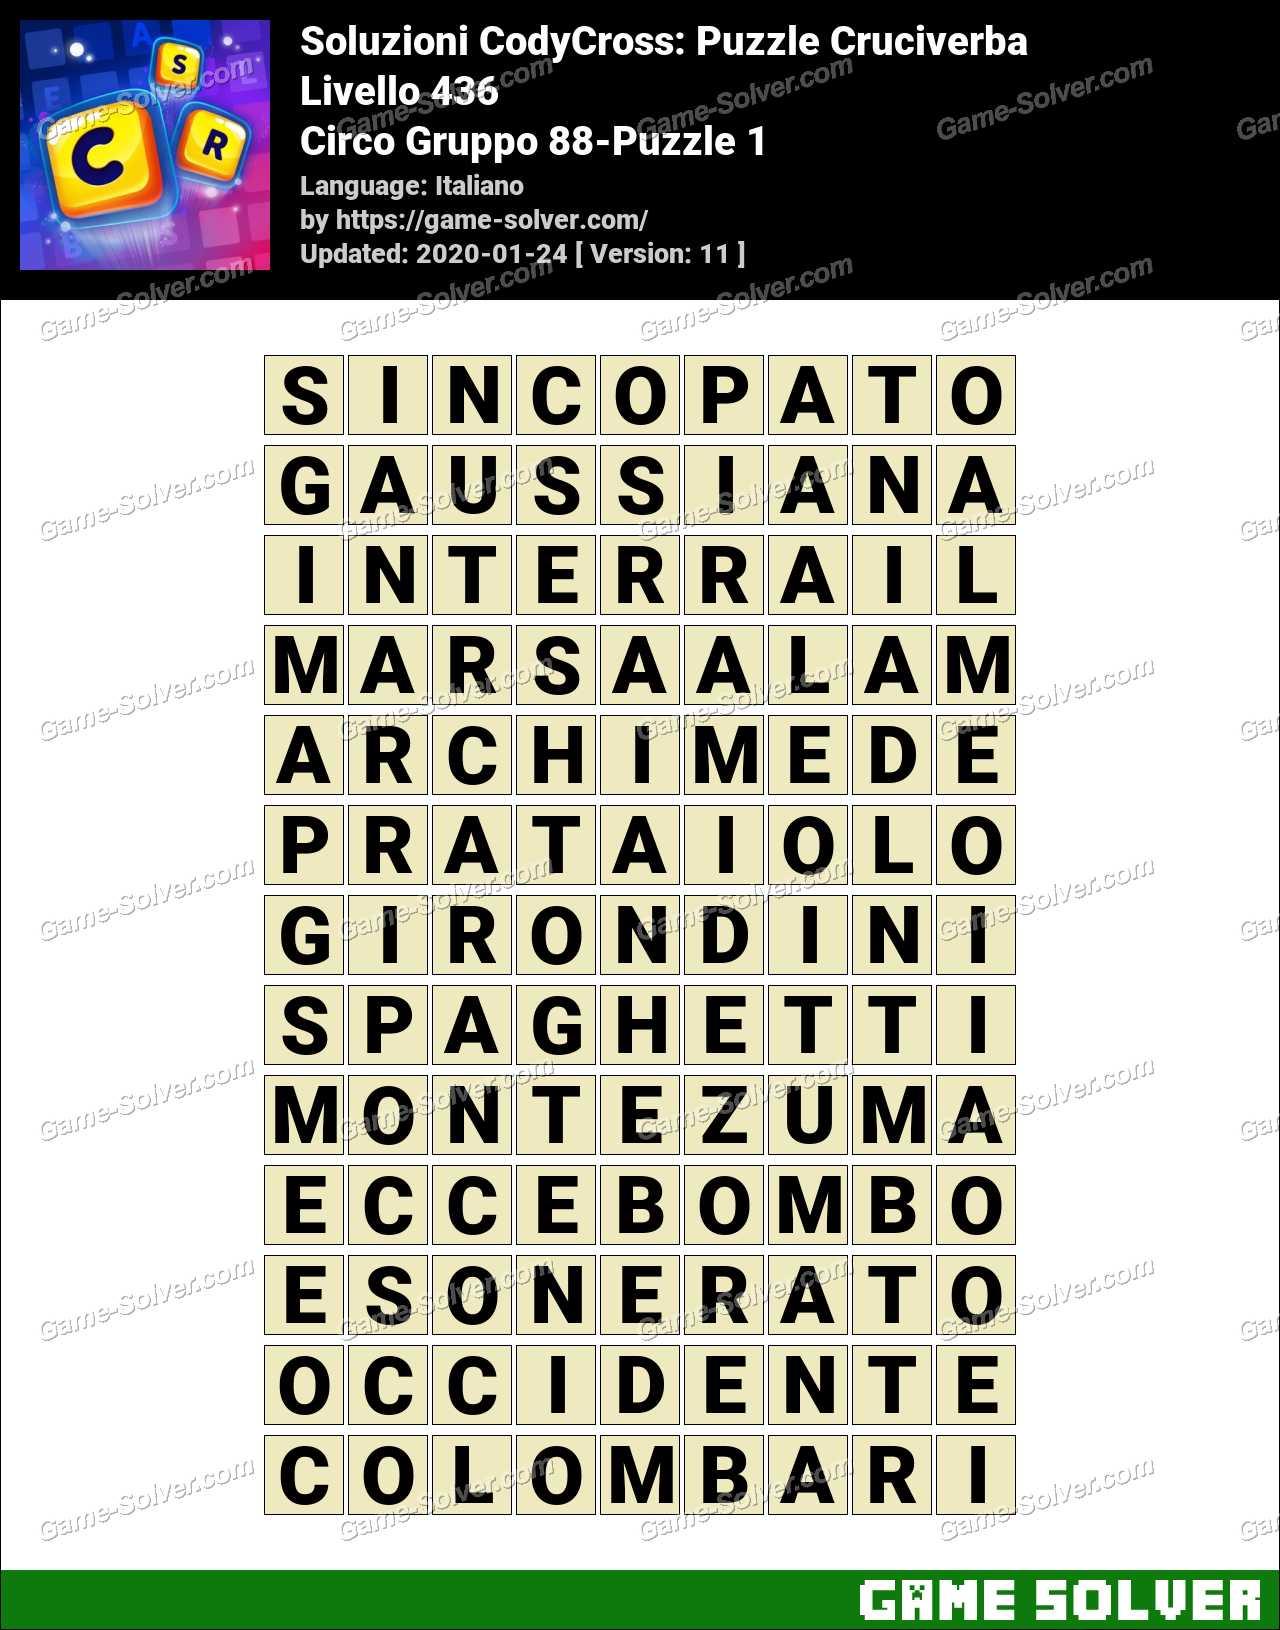 Soluzioni CodyCross Circo Gruppo 88-Puzzle 1